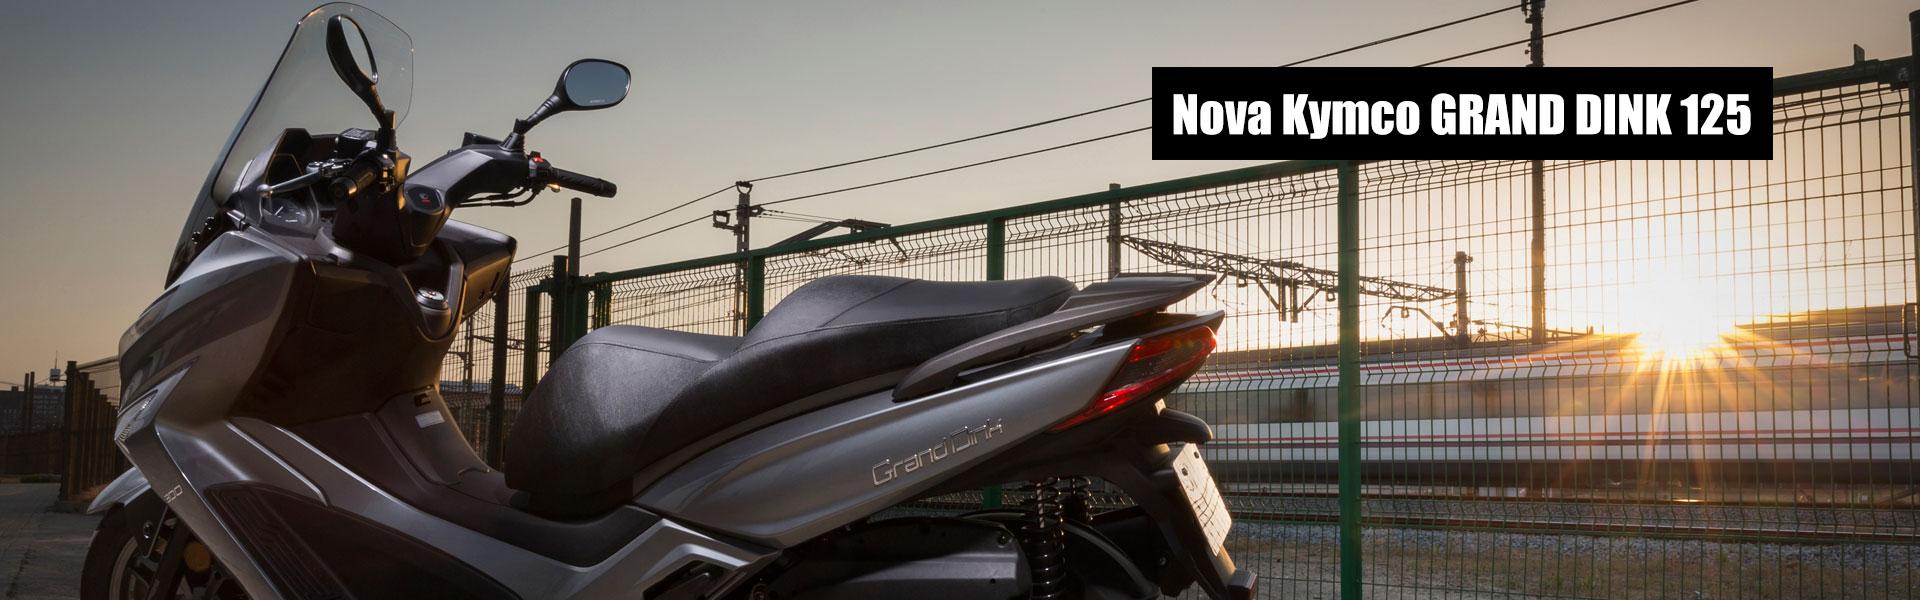 kymco-granddink-2016-012-motos-trafach2